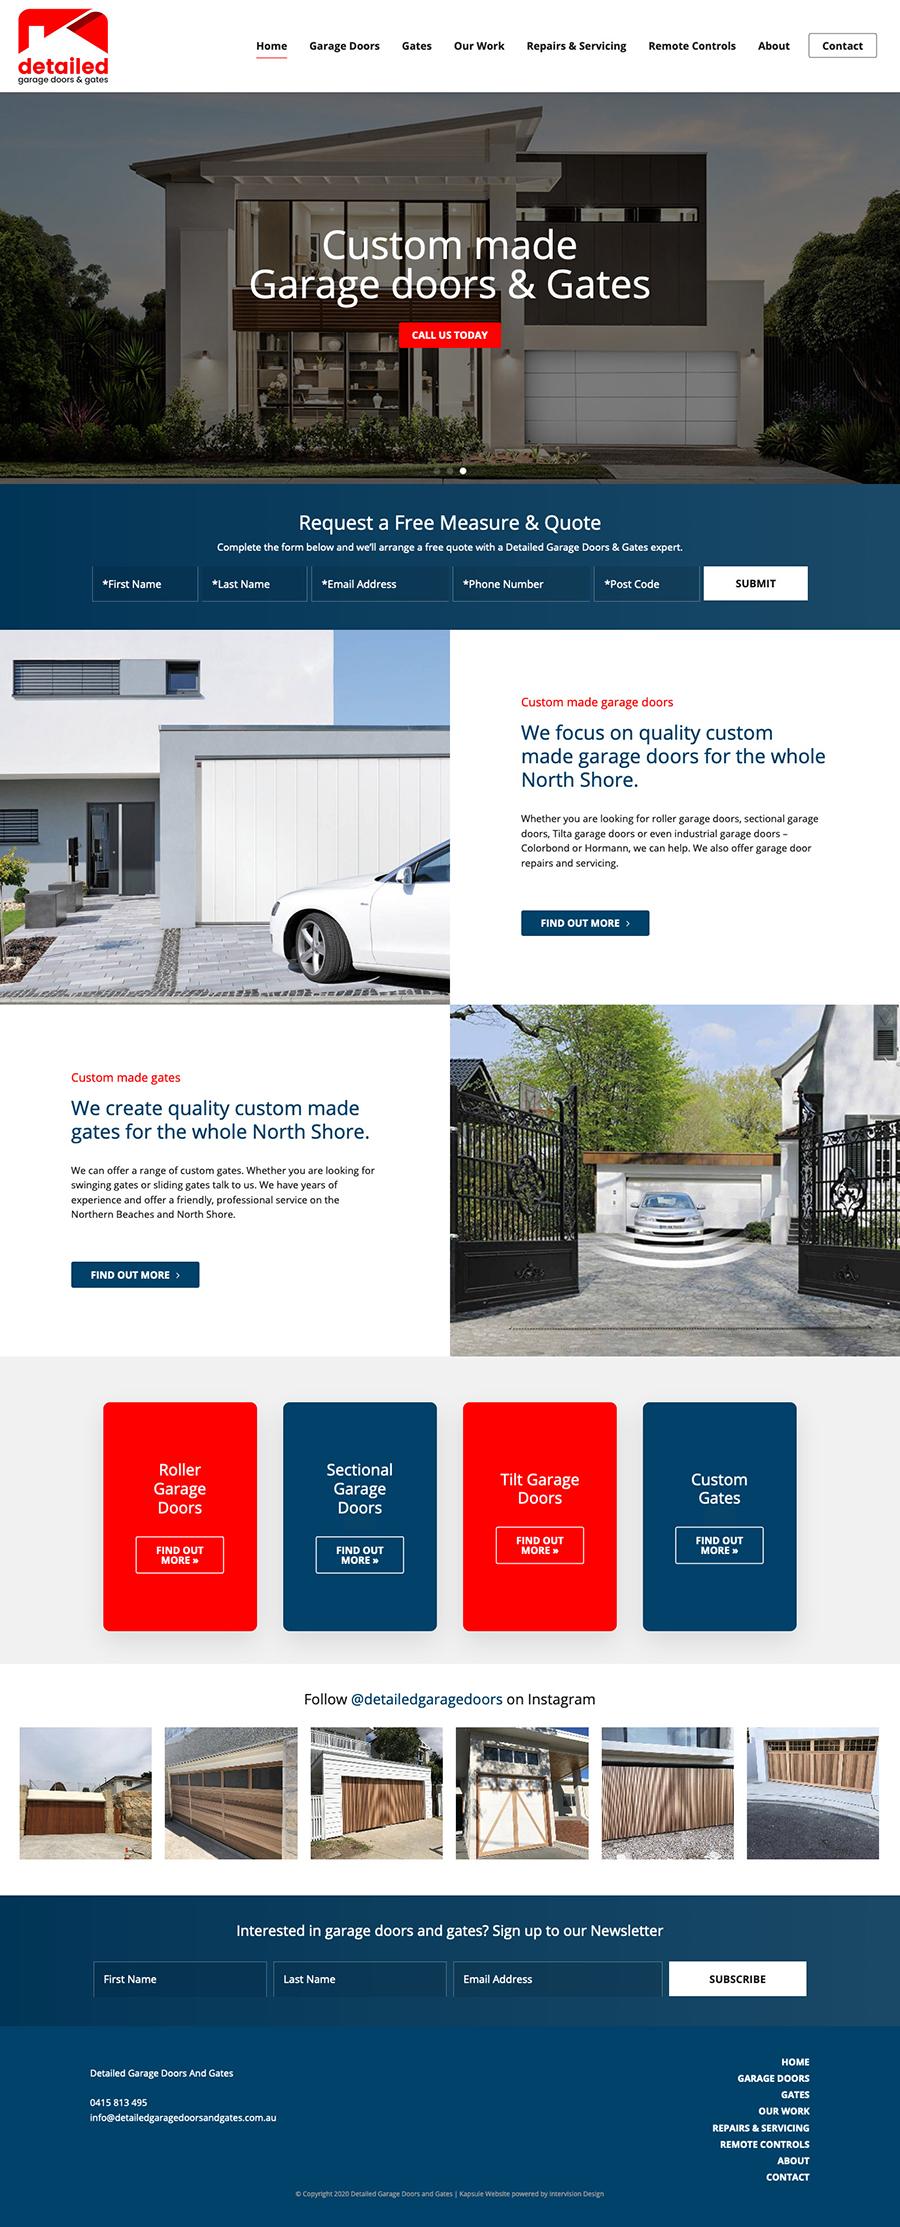 Detailed Garage Doors by Kapsule Websites